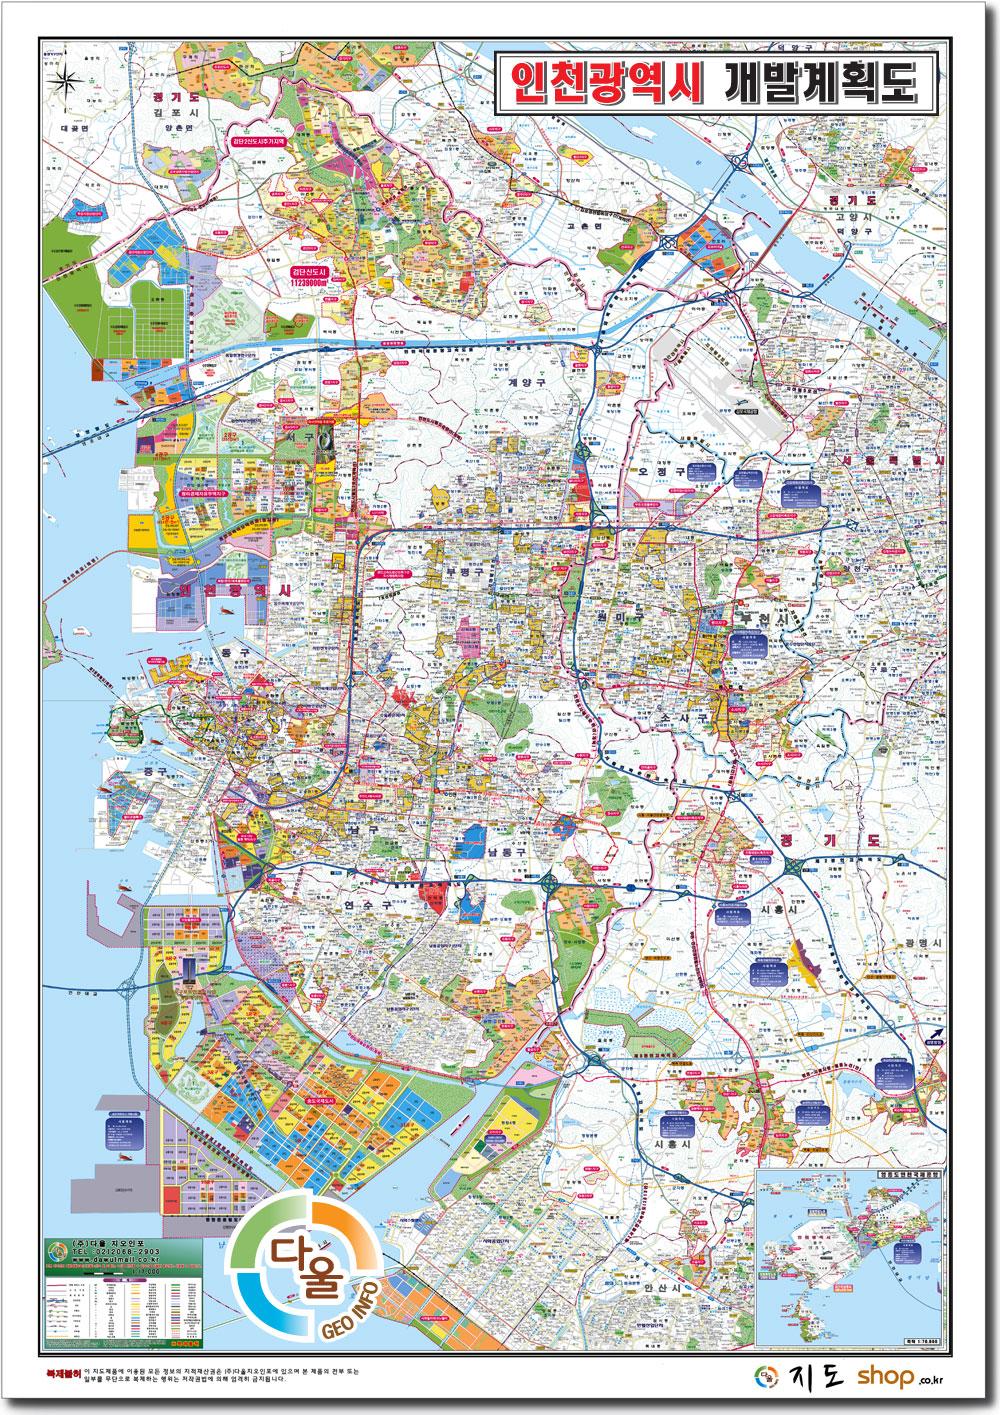 2020년 인천광역시 행정개발 안내도.지도< 155cm*210cm)